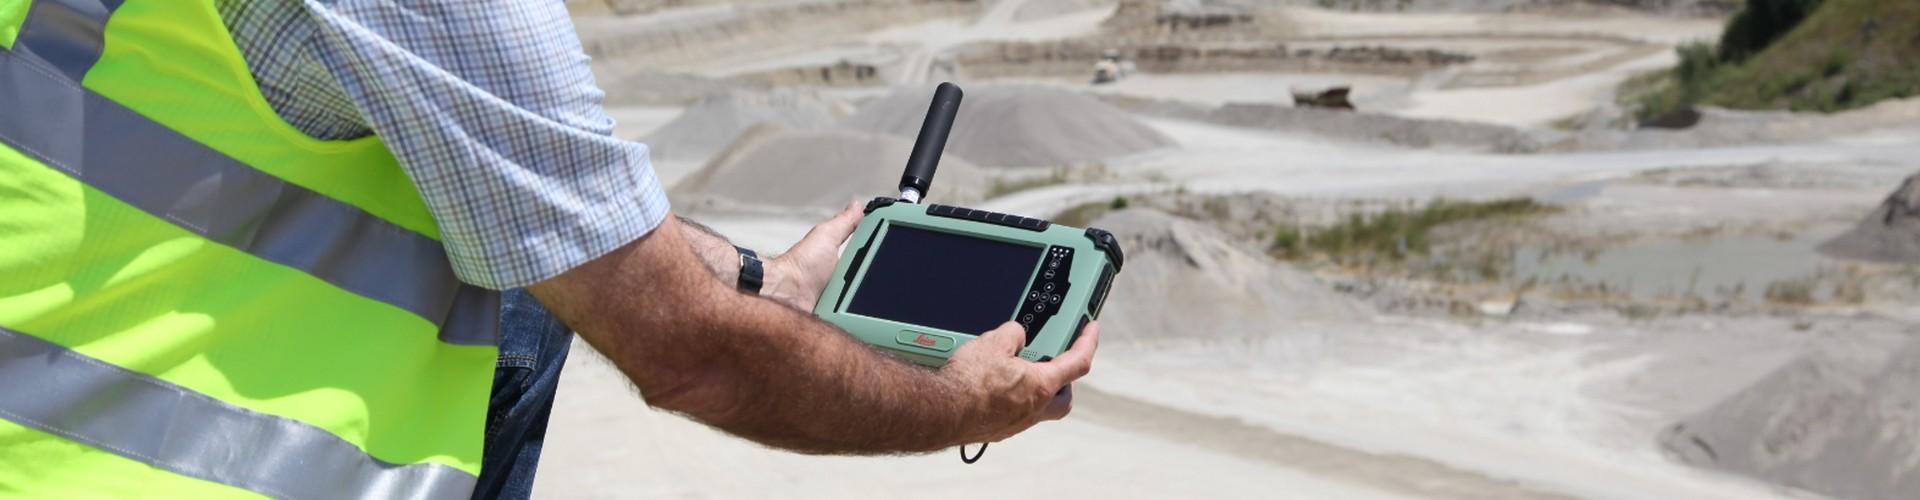 Leica CS25 GNSS plus